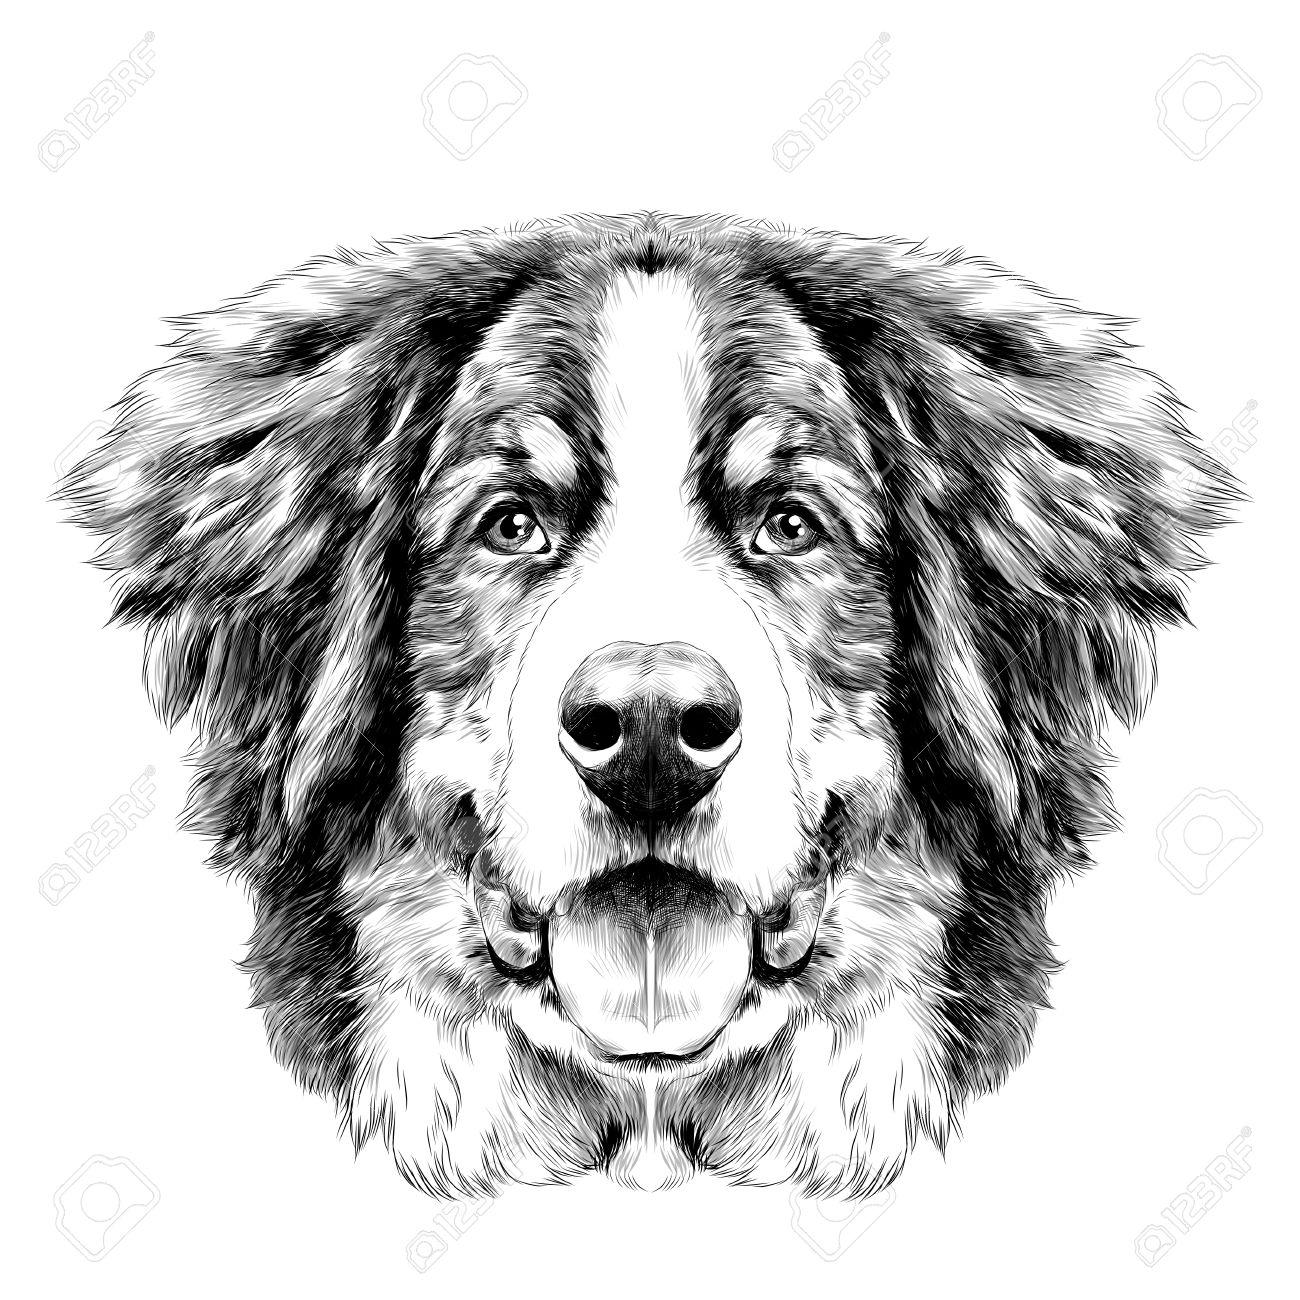 Disegno Cane Bianco E Nero.La Testa Del Cane E Simmetrica Davanti Al Bernese Cane Di Montagna Disegno Sketch Vettoriale Bianco E Nero